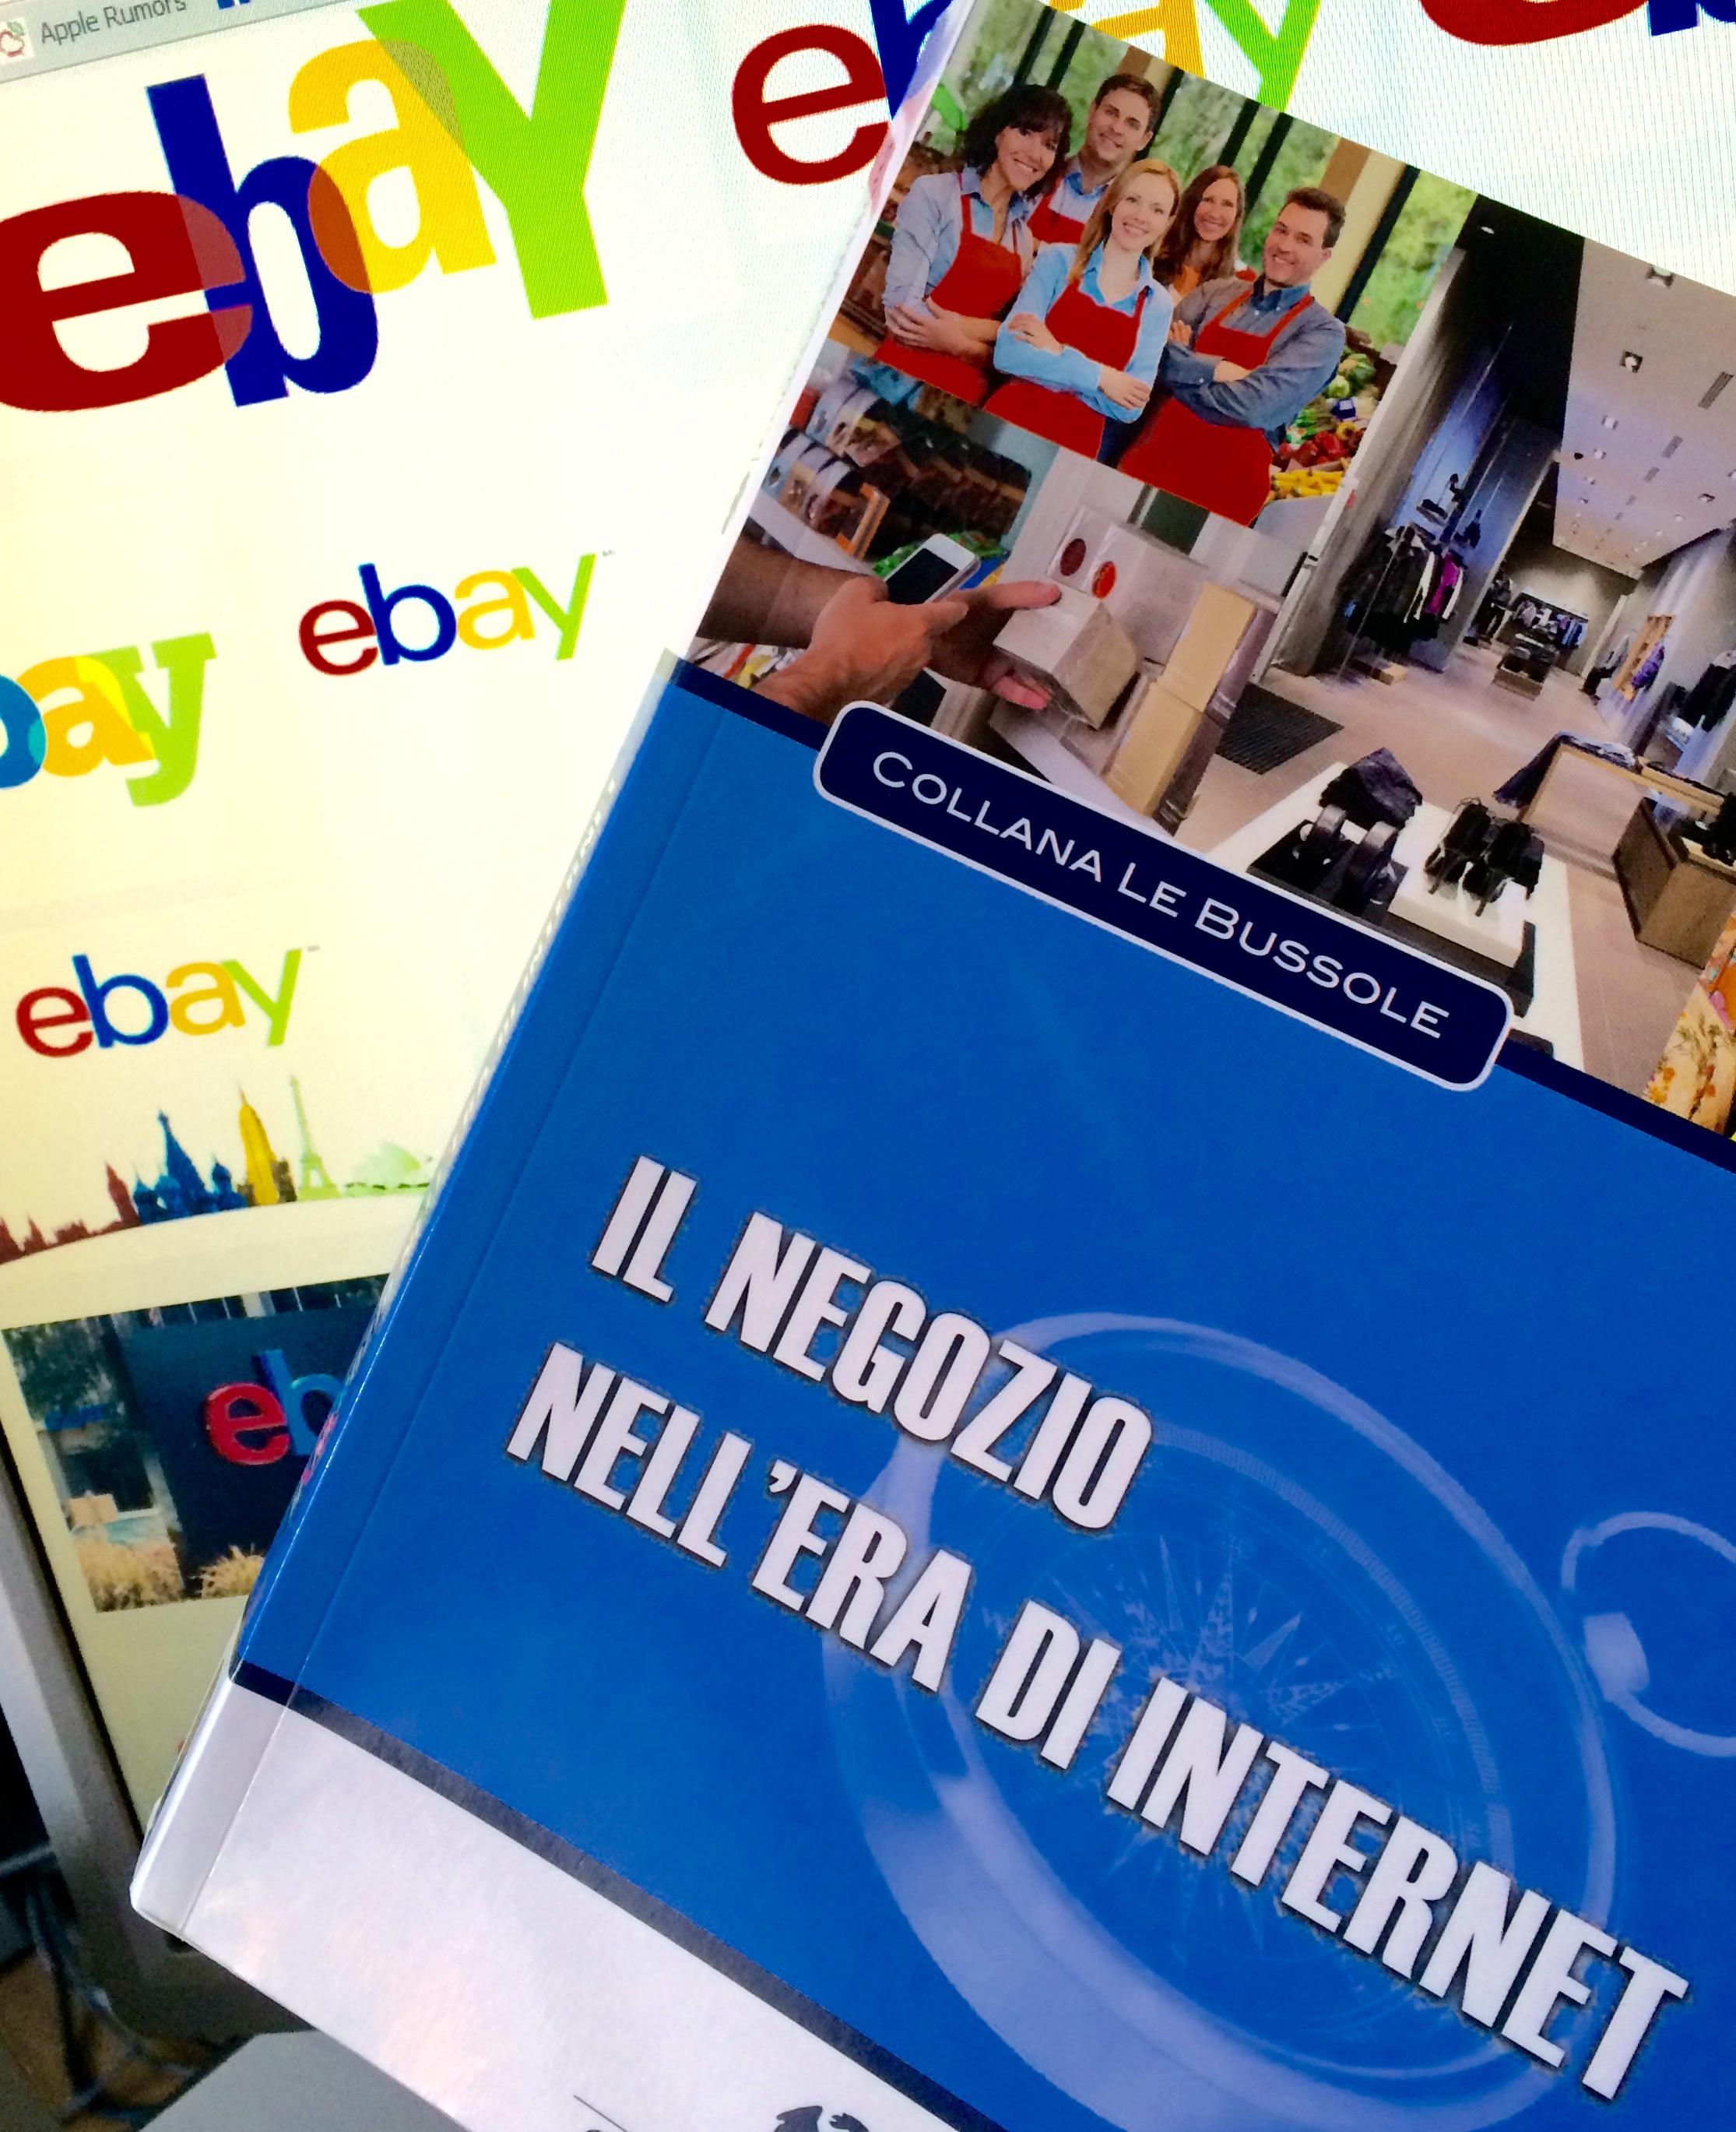 Come mantenere ed aumentare i clienti grazie al web - Salone degli Incanti, martedì 13 ottobre, dalle 10 alle 13 - il programma